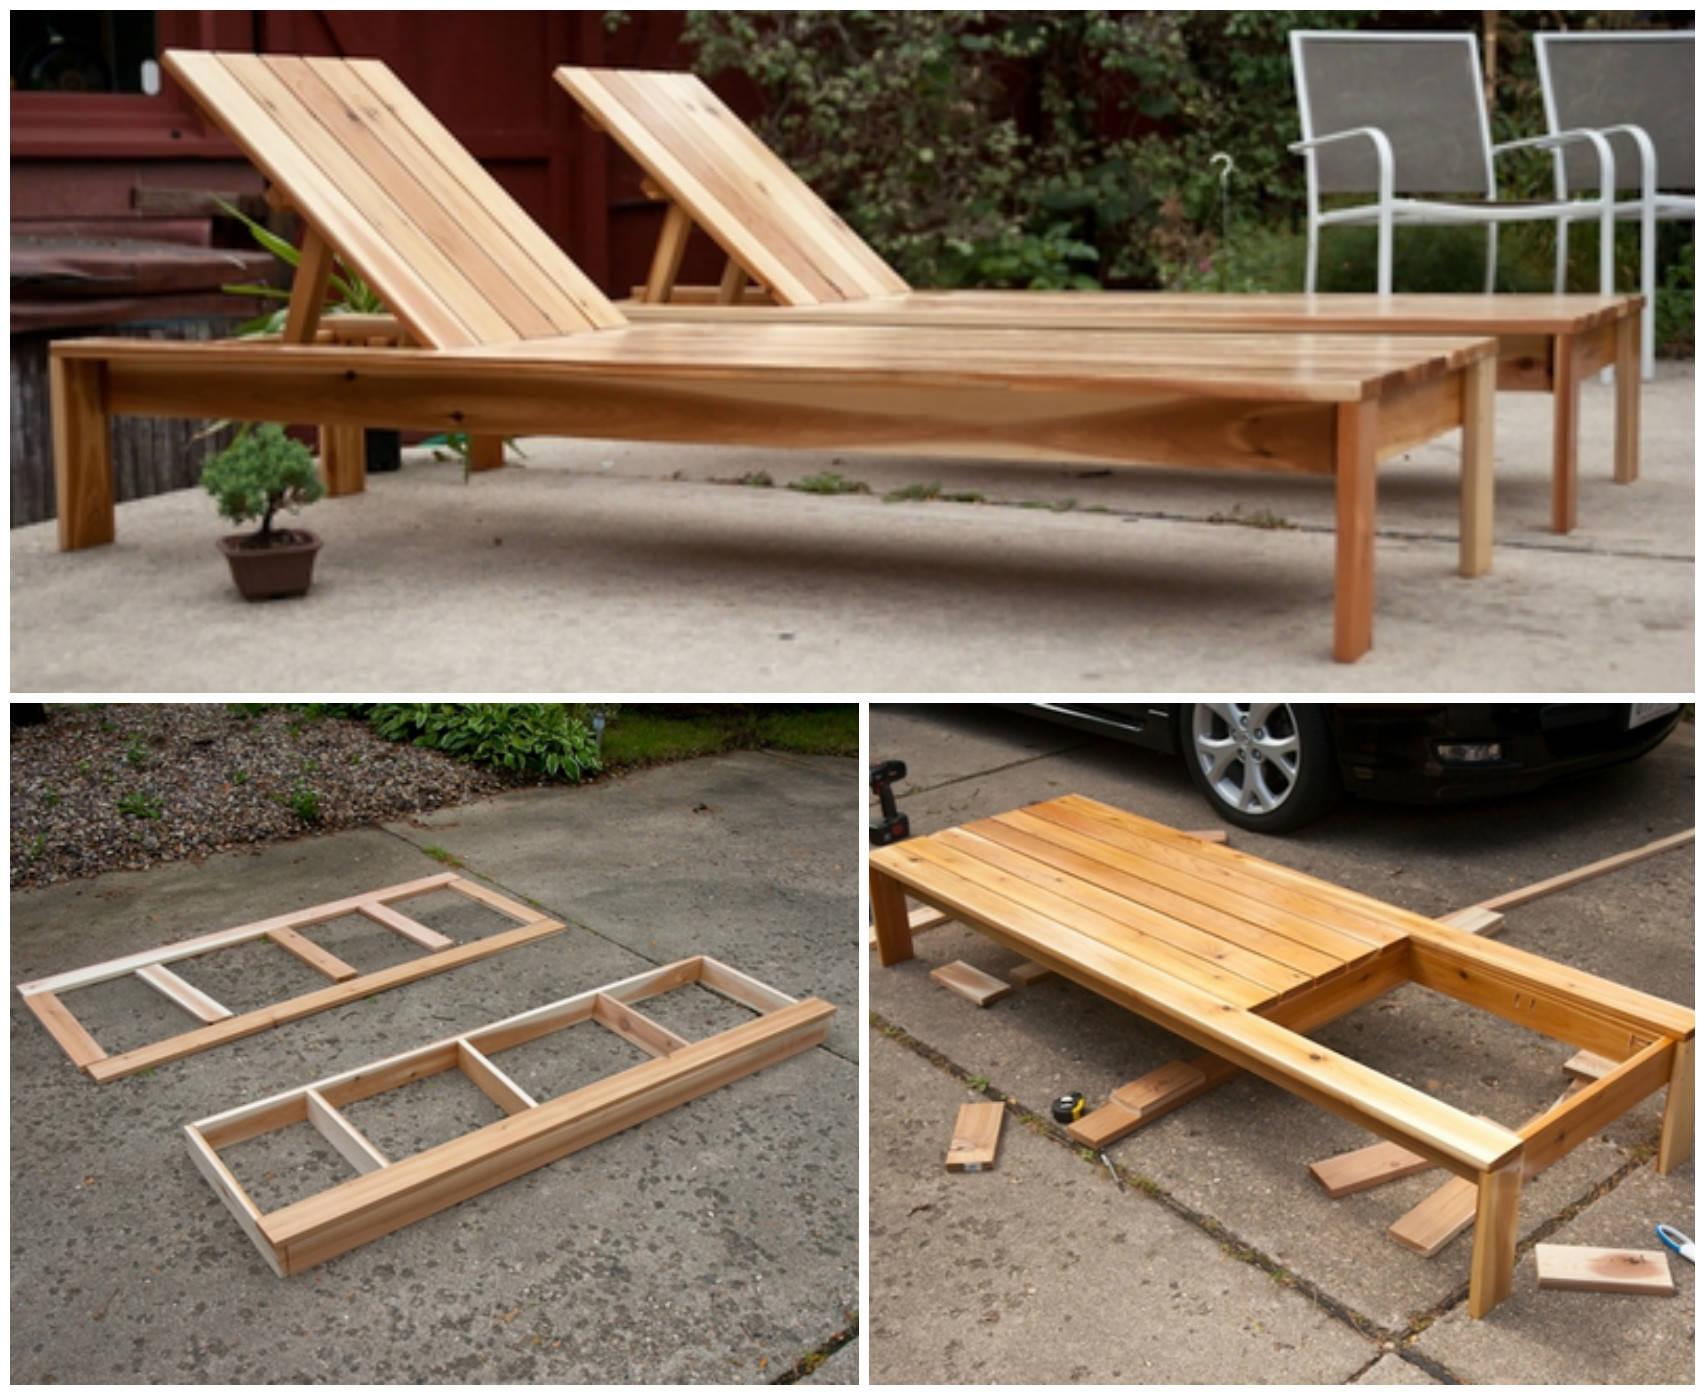 Существует простой вариант самостоятельного изготовления лежака из дерева для загара